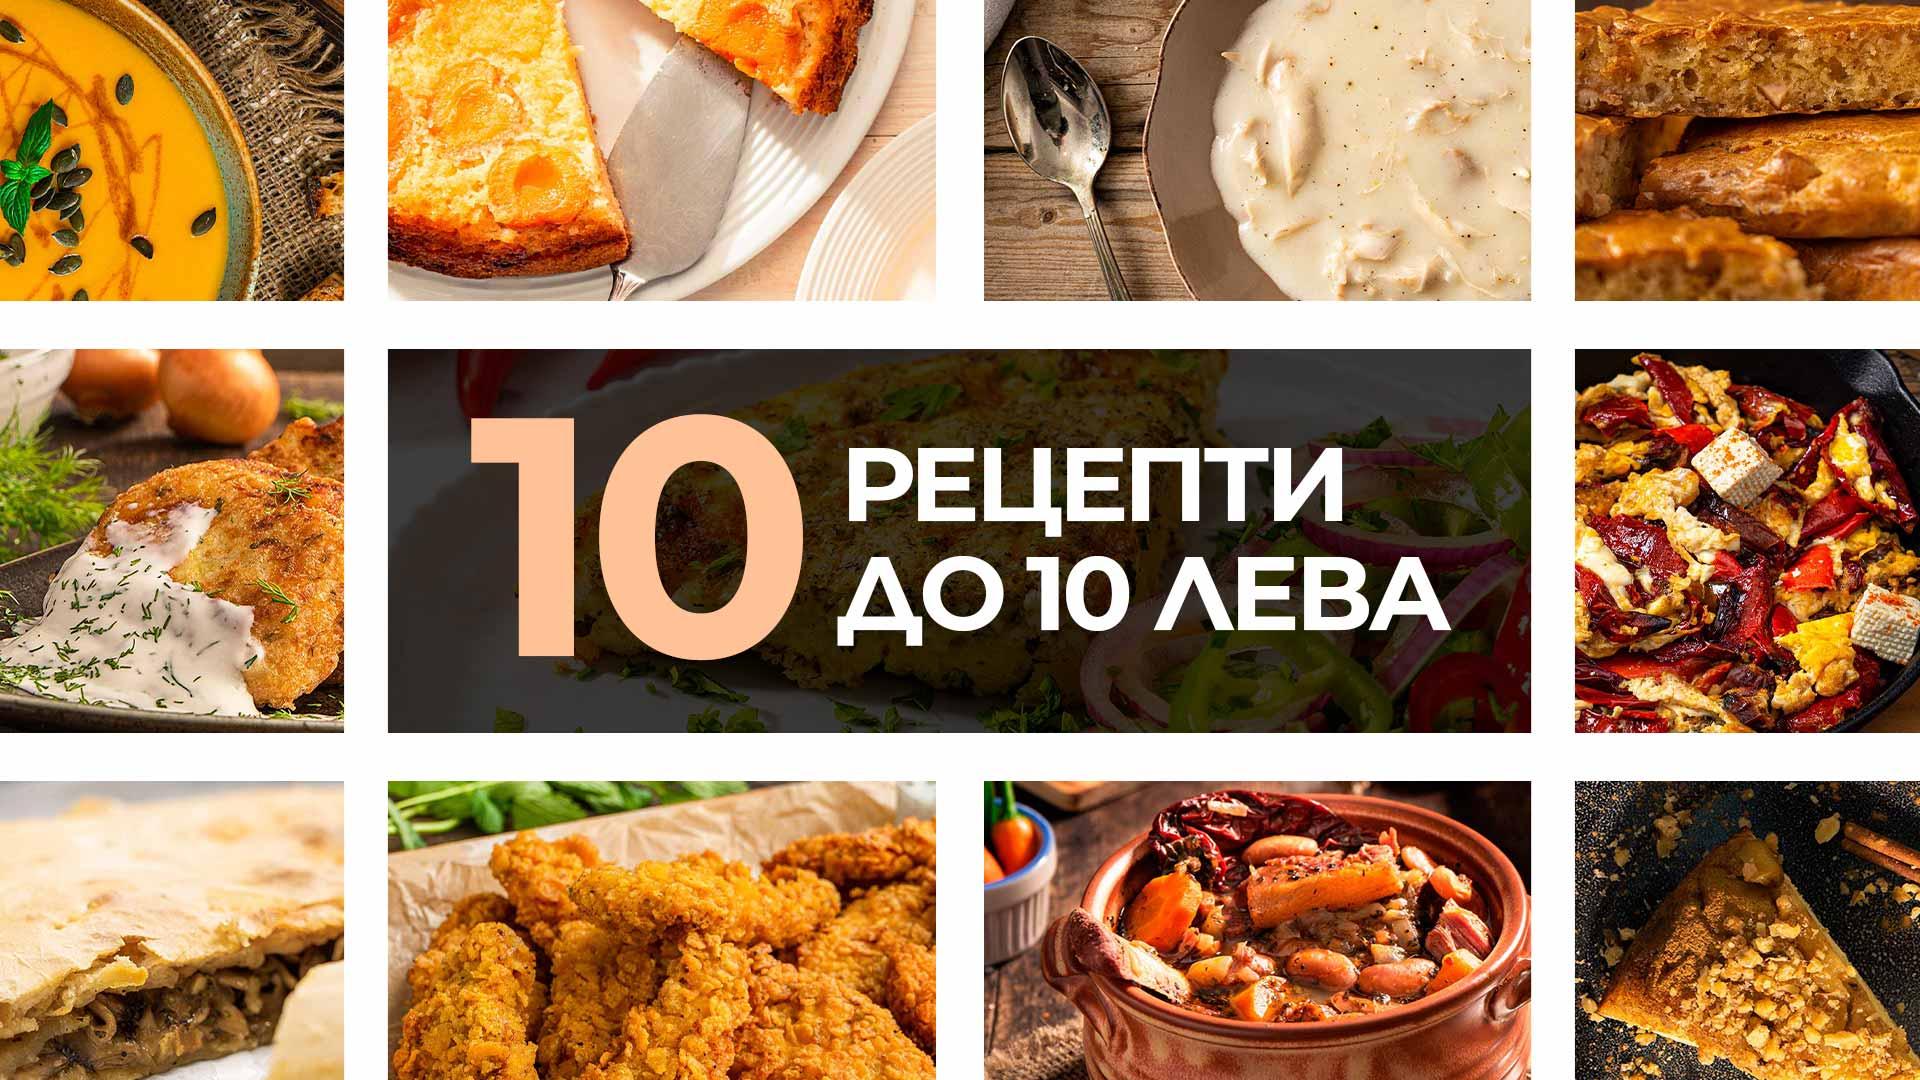 Колаж от 10 вкусни рецепти за по-малко от 10 лева всяка